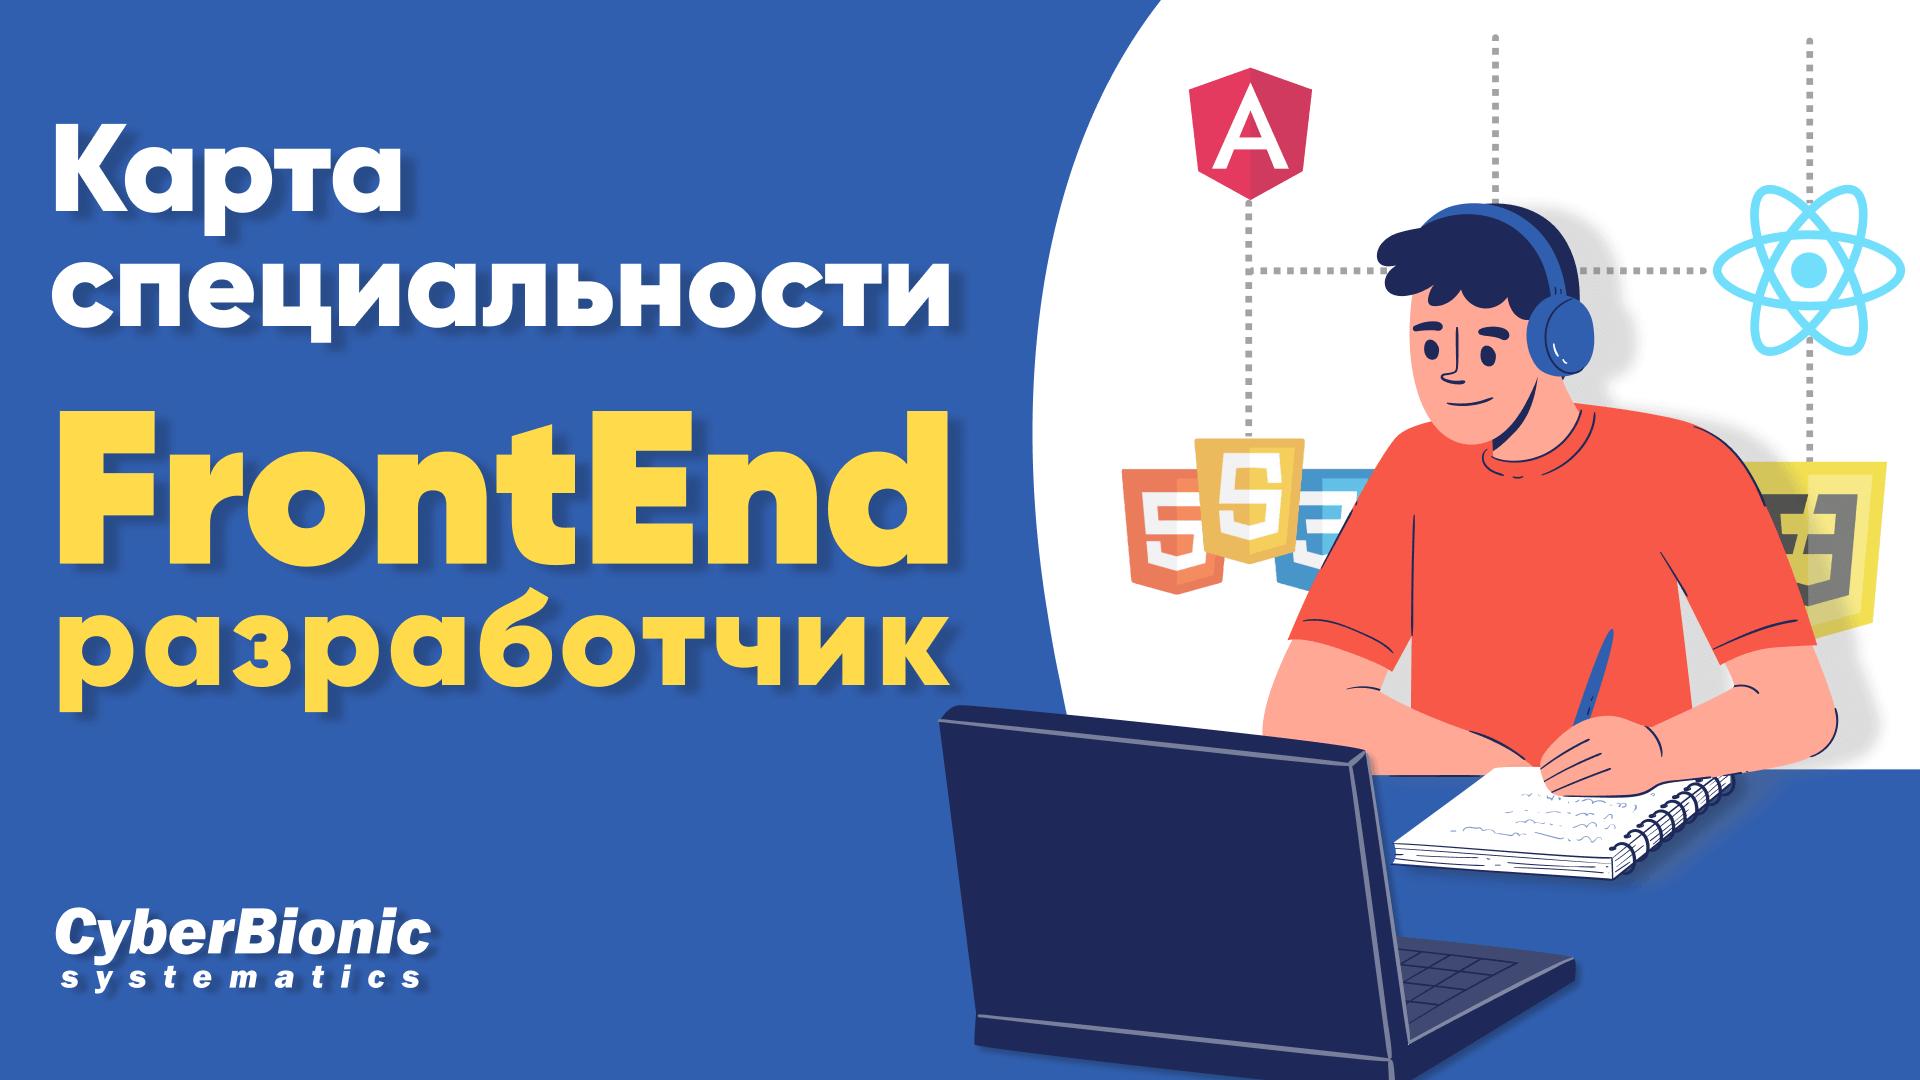 Карта специальности FrontEnd разработчик